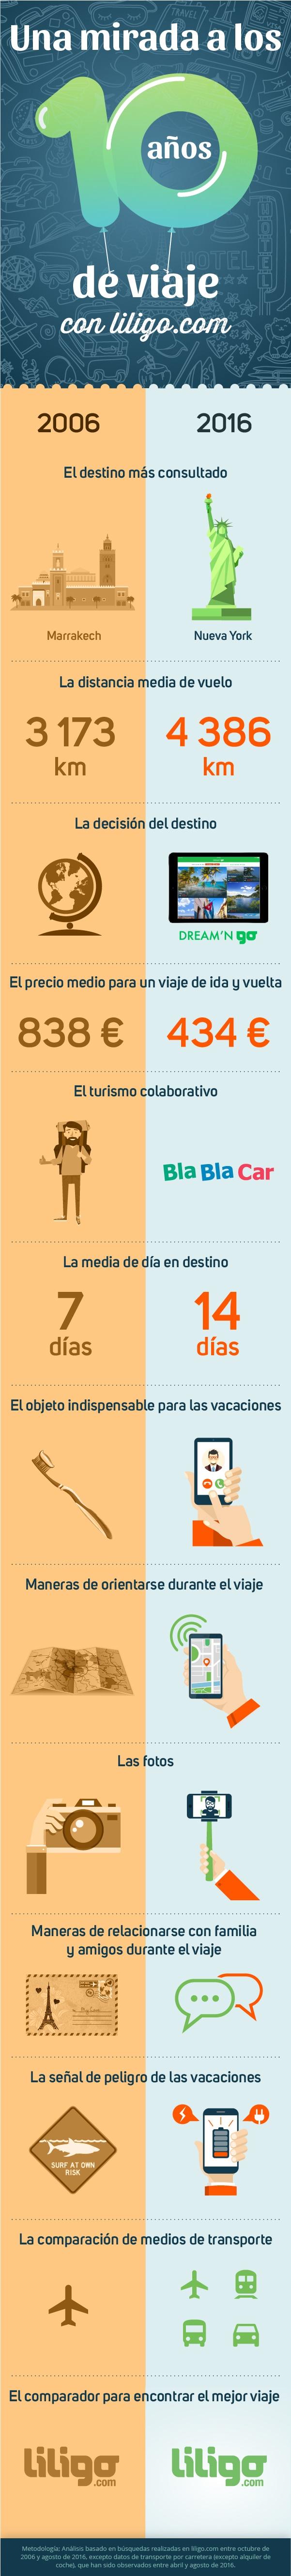 infografiaOK